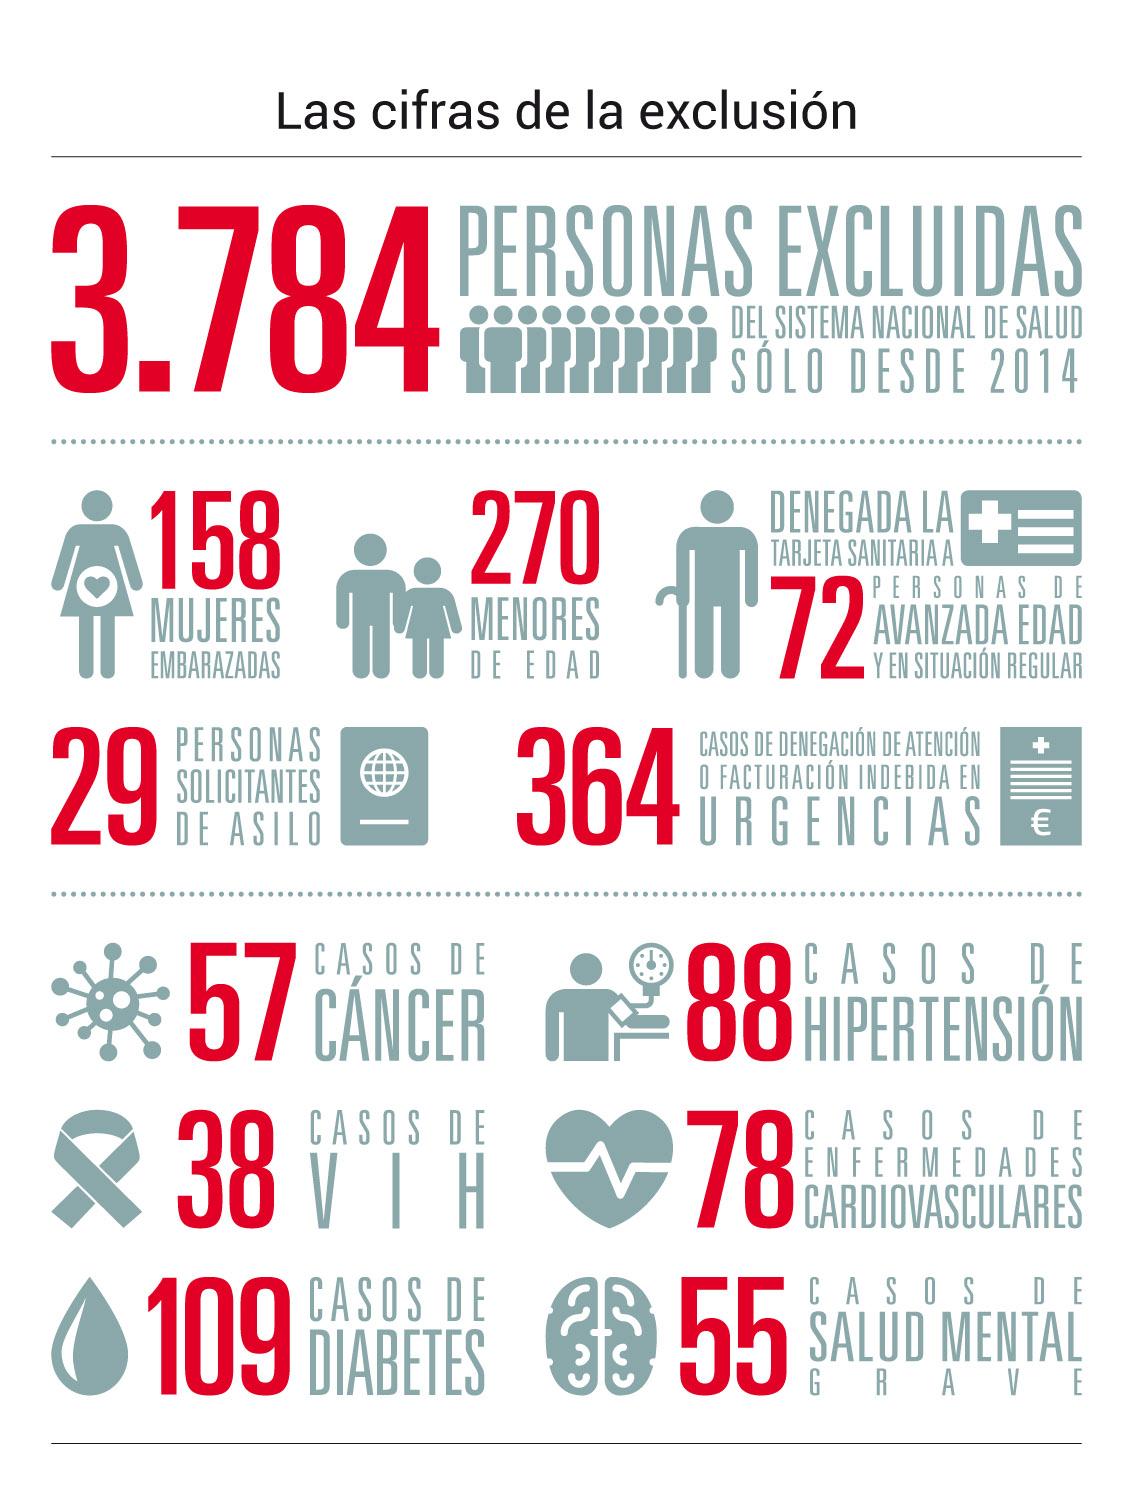 Informe REDER: Las cifras de la exclusión recopiladas en el infrome de REDER, correspondiente a septiembre de 2017 (infografía)